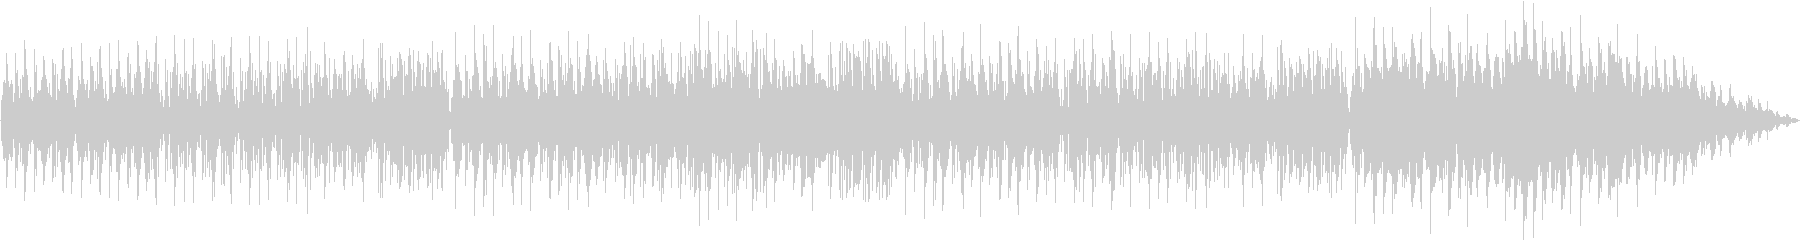 ナイロンギター・ブラジリアンジャズの未再生の波形